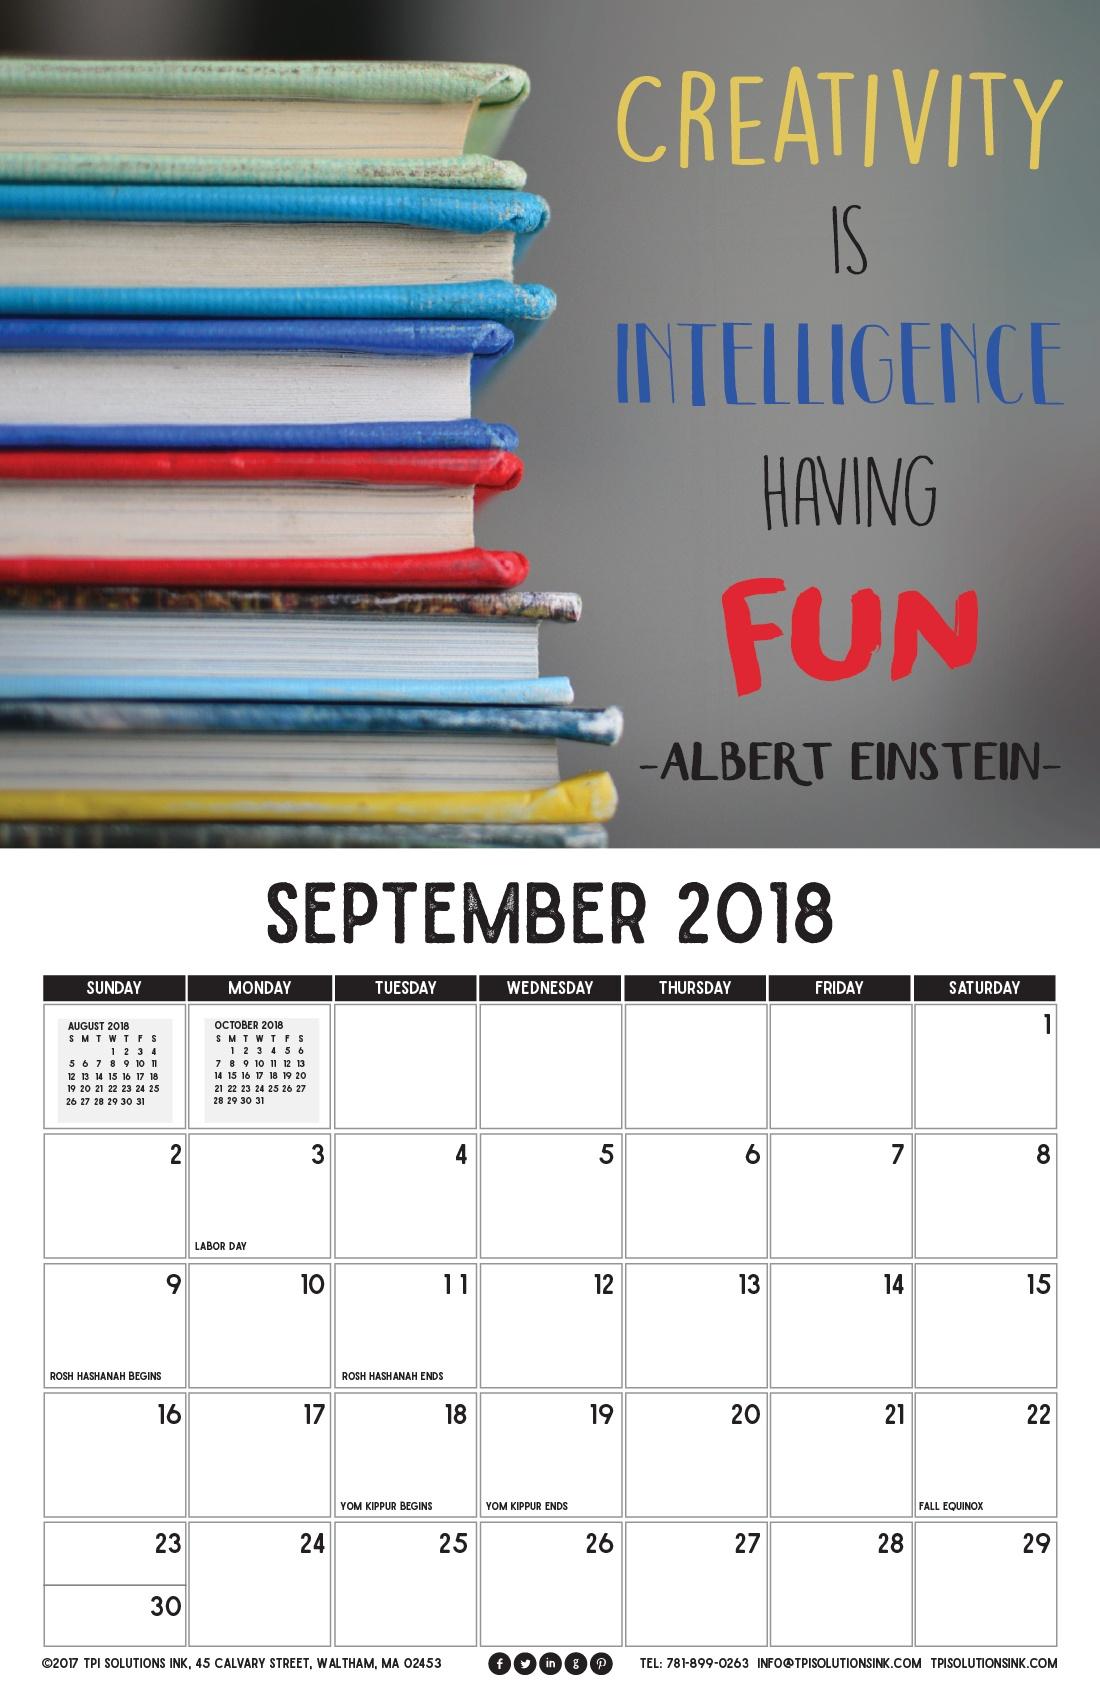 9_Sept_2018_Calendar_11x17